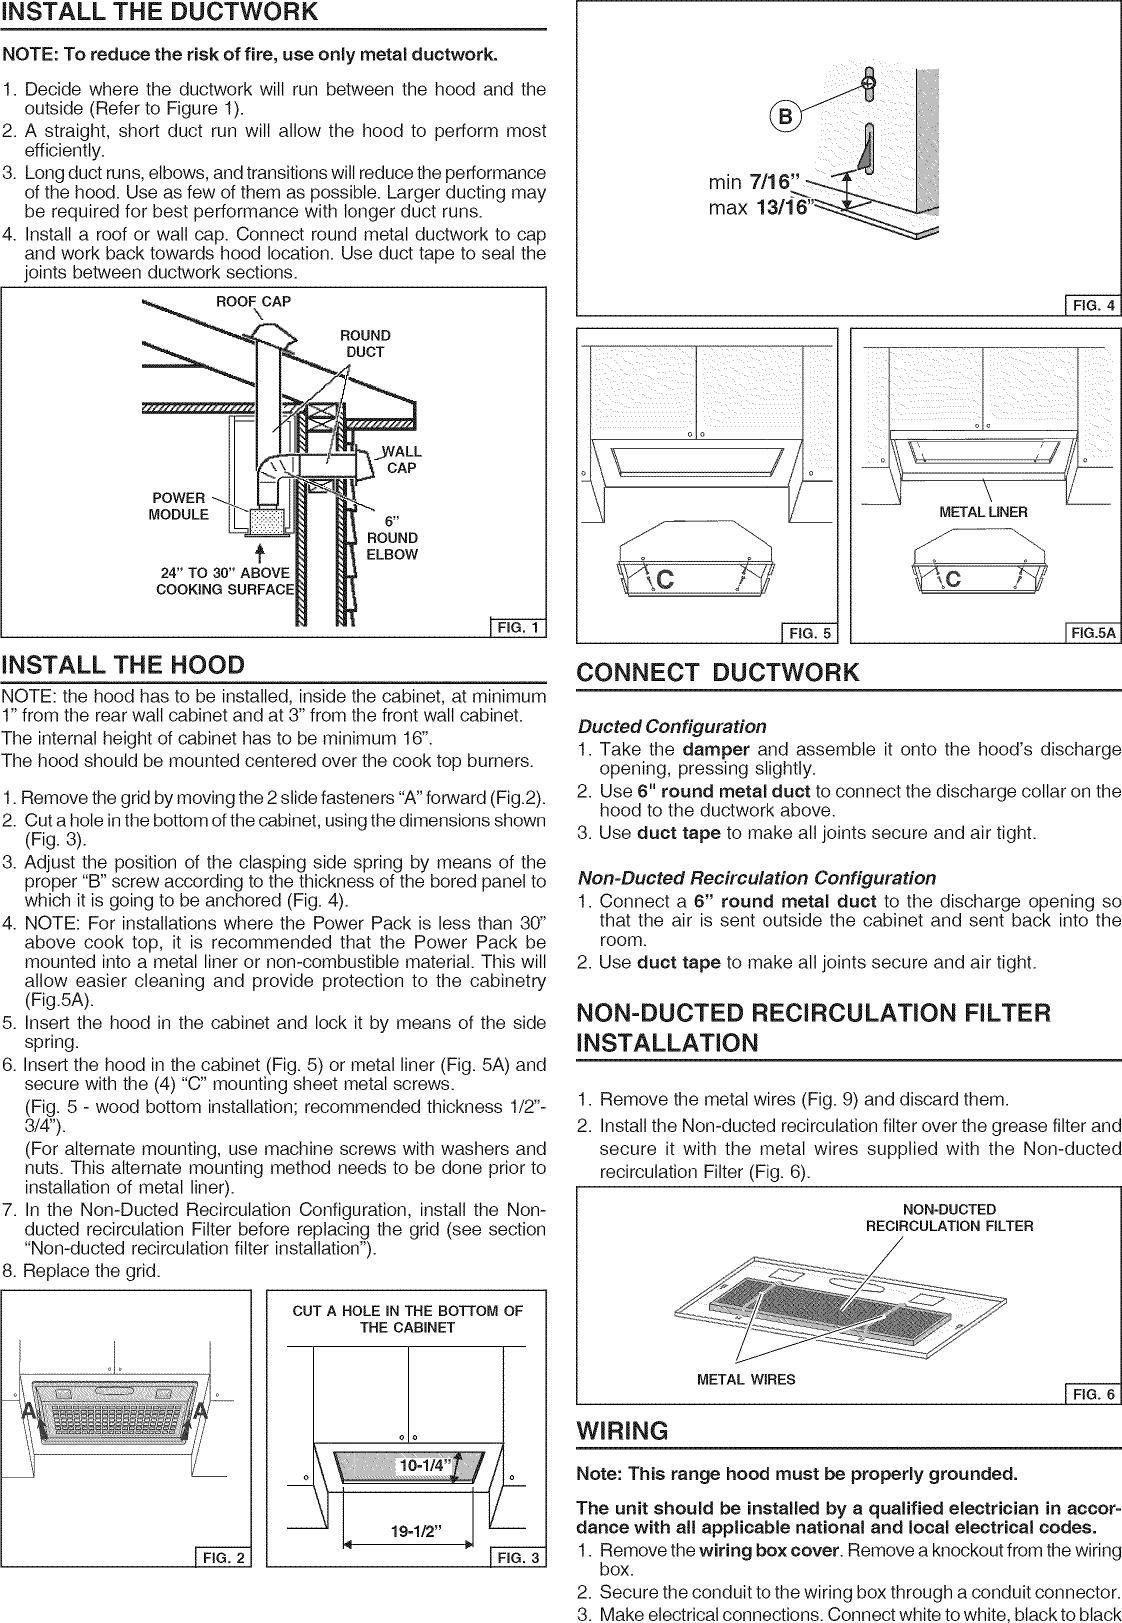 Broan Range Hood Manual L1002445 Wiring Diagram Page 2 Of 8